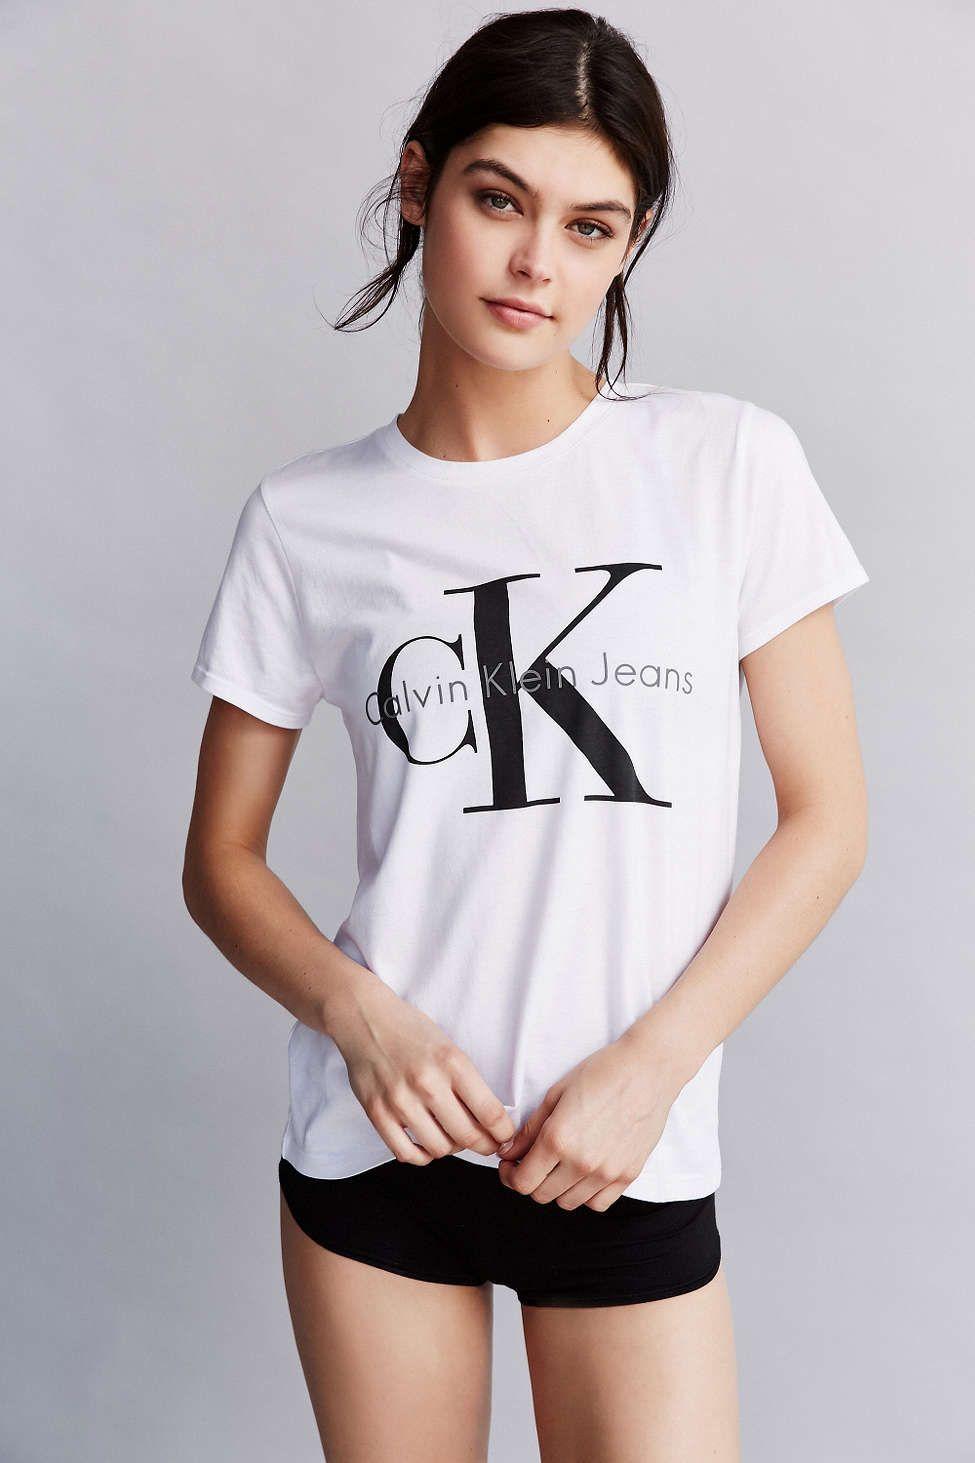 97cc9ee31df Calvin Klein Tee Shirt - Urban Outfitters